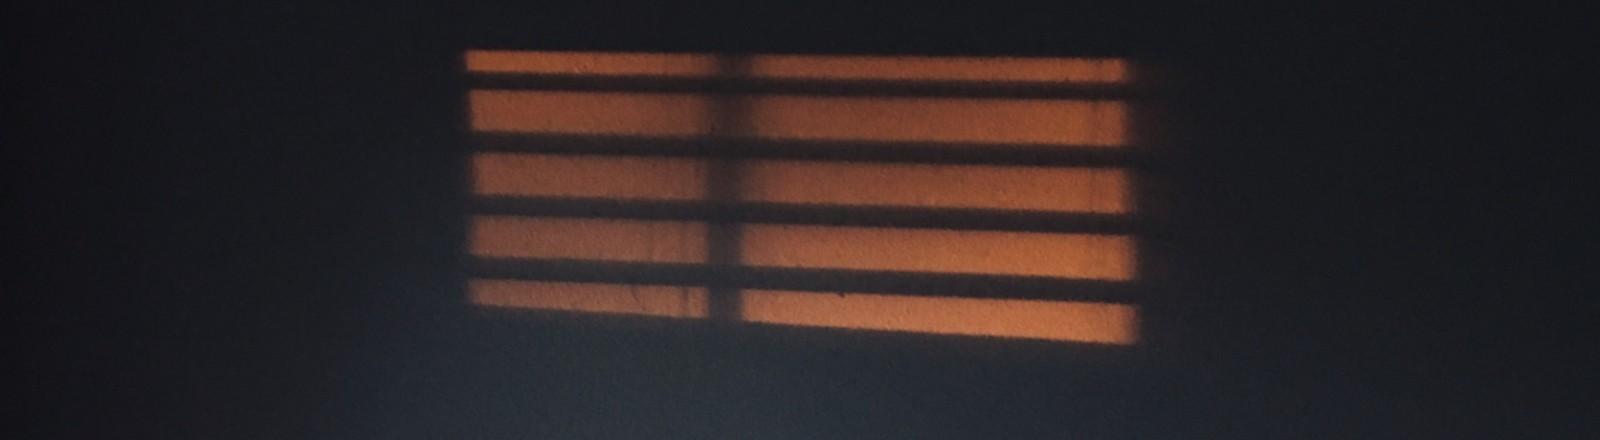 Ein dunkler Raum, durch ein Fenster mit Jalousien fällt opakes Licht.